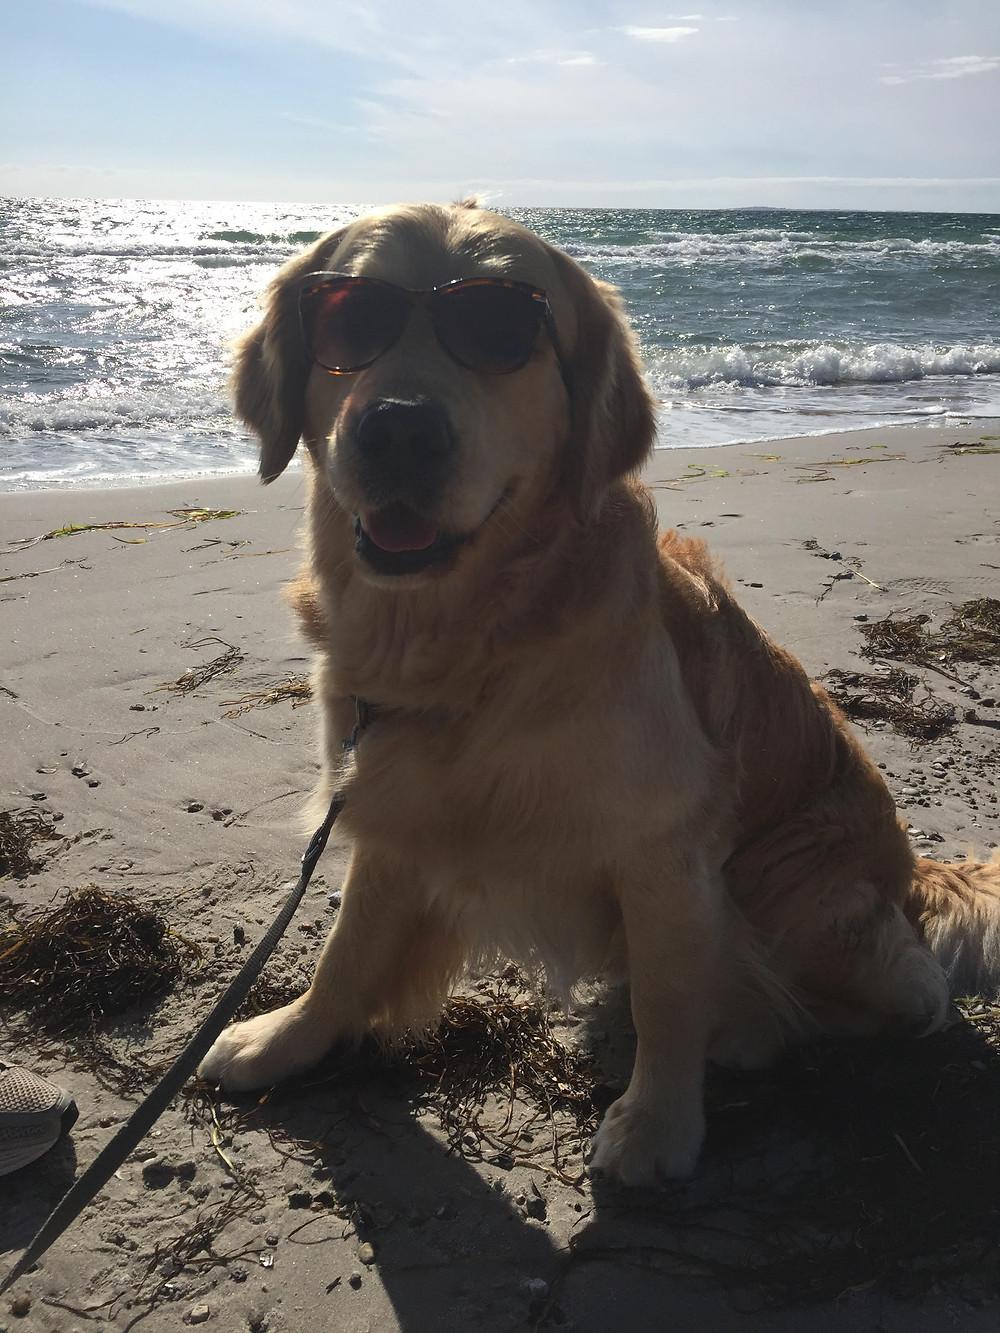 """Hach, was war das schön!Sonnige Grüße aus dem schönen Dänemark. Hier waren wir im Sommer und ich habe viel Lauftraining gemacht, den Strand rauf und runter, war schwimmen, und habe dänische Pölser gefuttert und natürlich - die Sonne genossen. Kraft tanken für weitere Abenteuer im Leben, wenn wieder der """"Ernst des Hundelebens"""" ruft."""